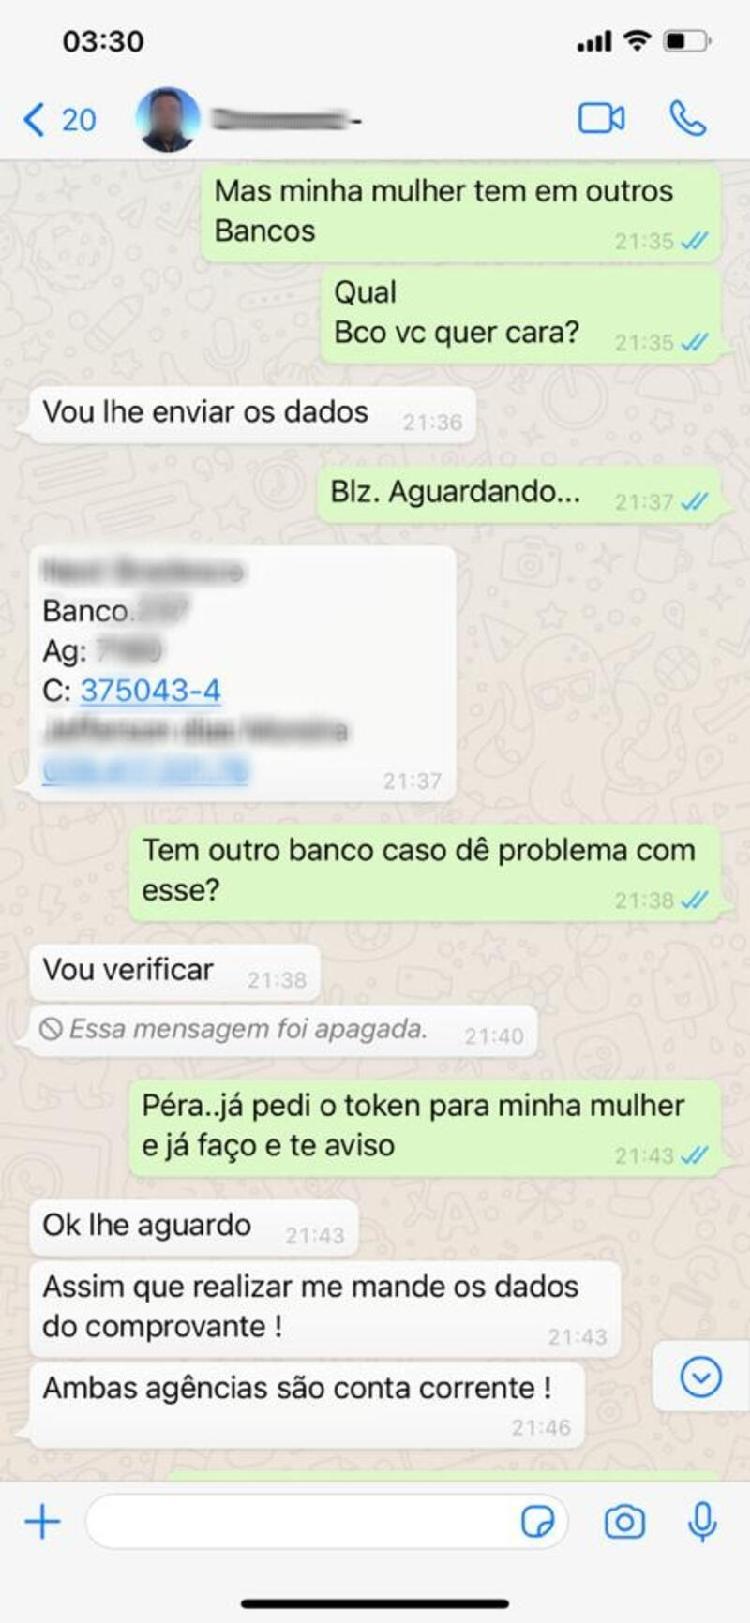 Golpe do WhatsApp (2) - Reproduzir / Todo golpe - Jogar / Todo golpe